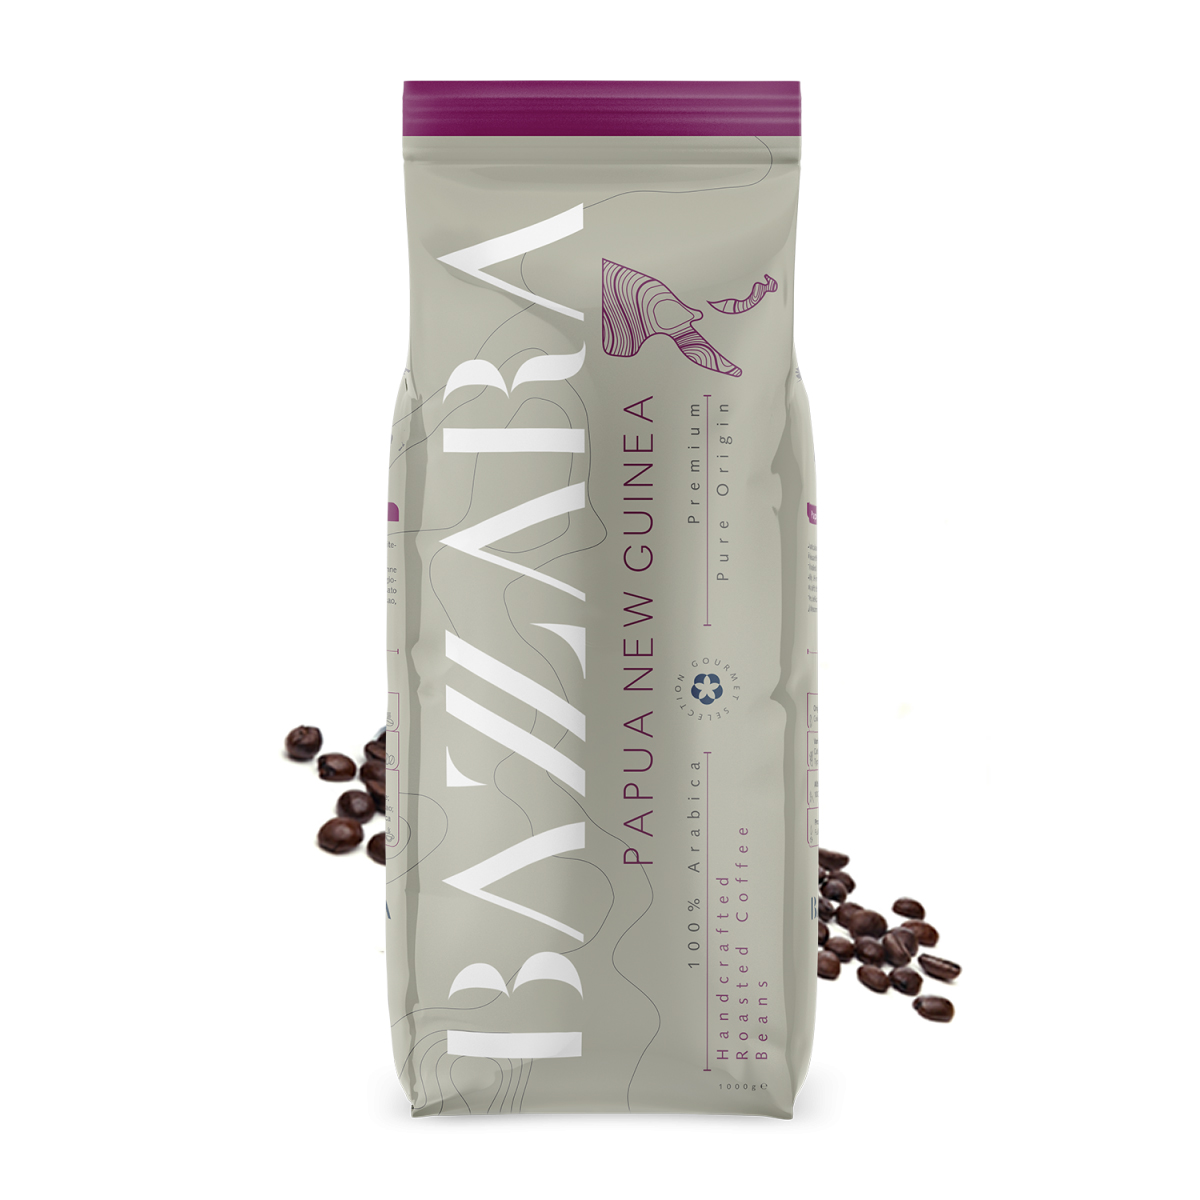 Bazzara Papua Noua Guinee cafea boabe de origine 1kg